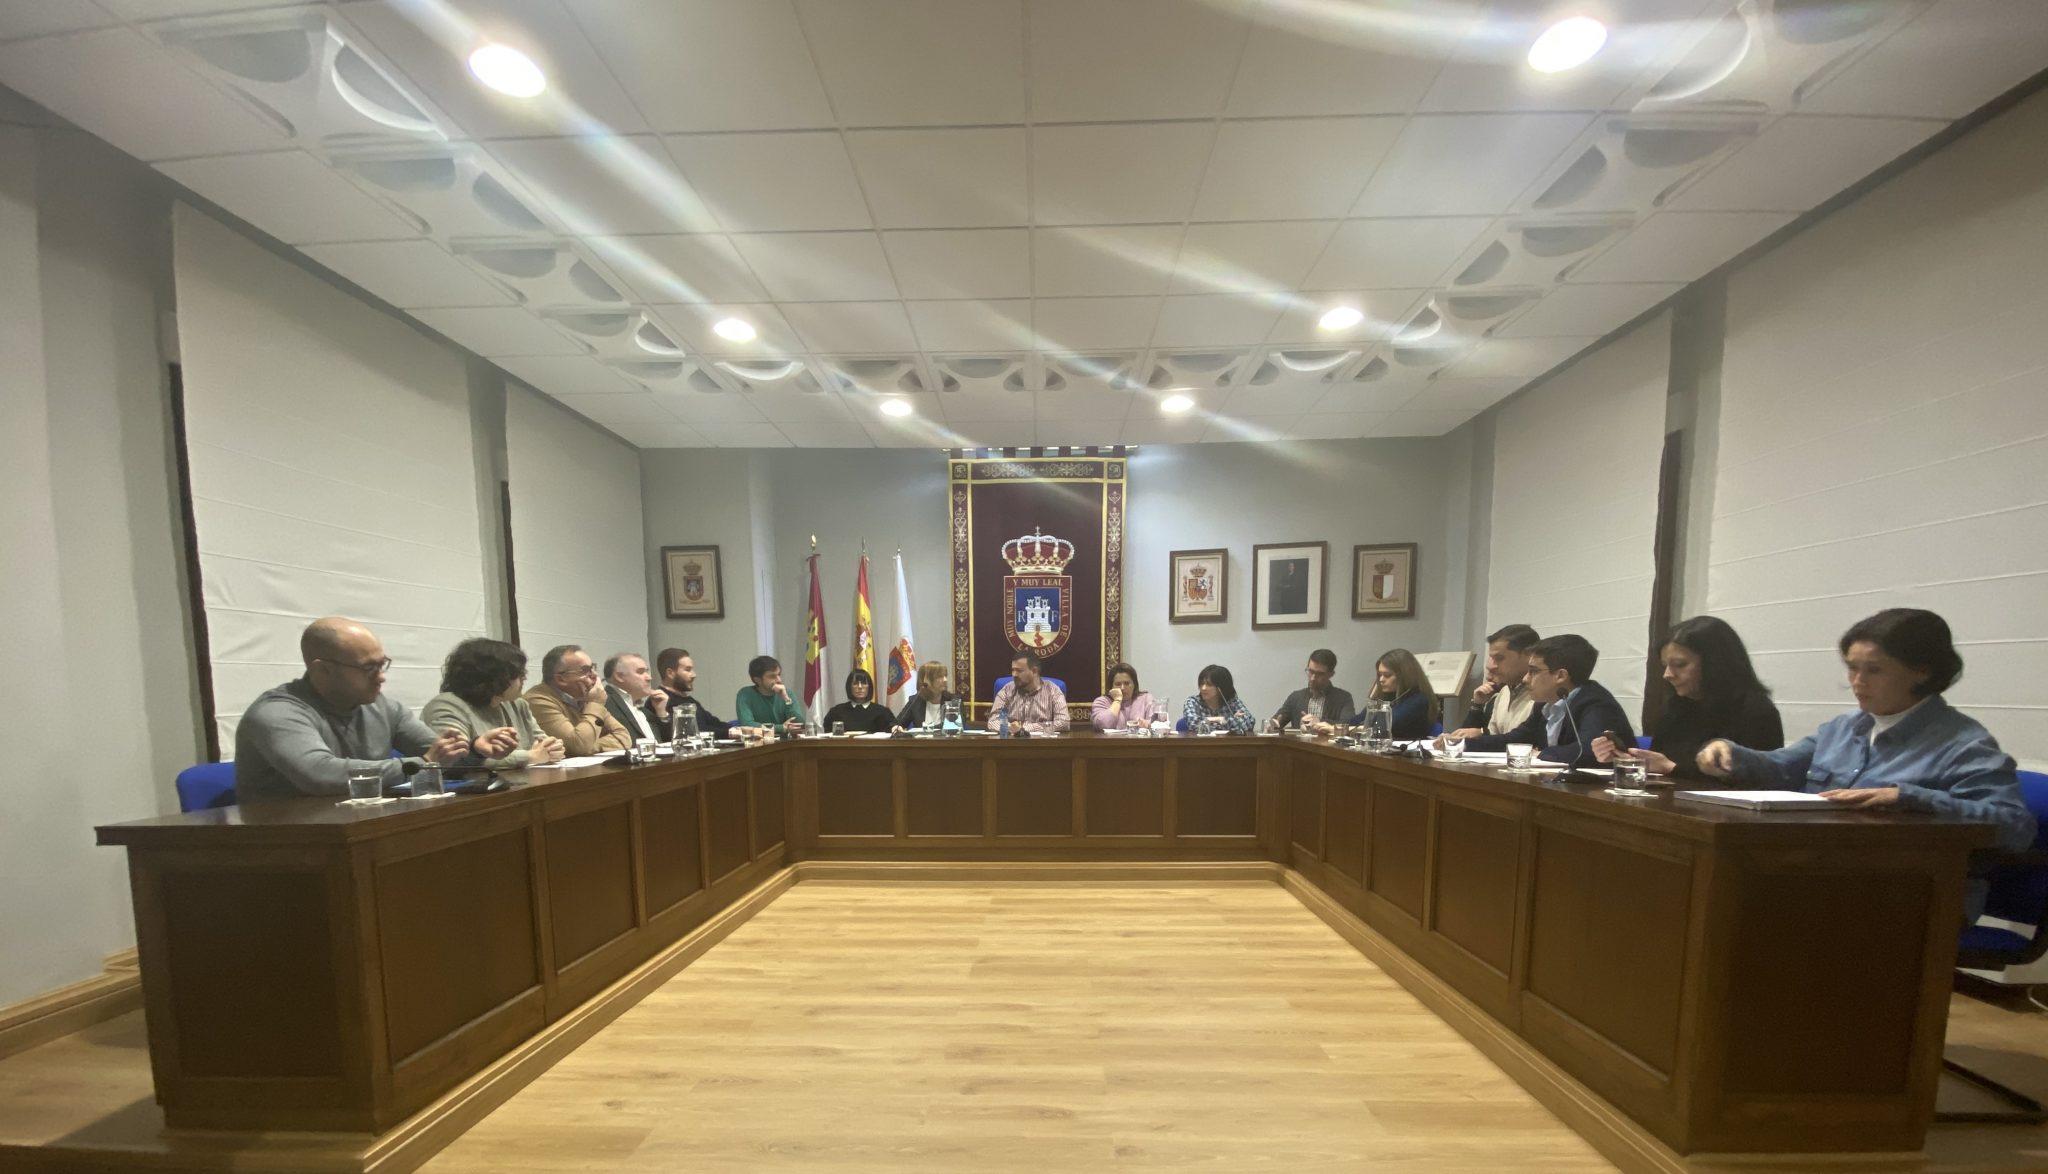 El Pleno Aprueba Renombrar El Colegio Público José Antonio Sin Votos En Contra